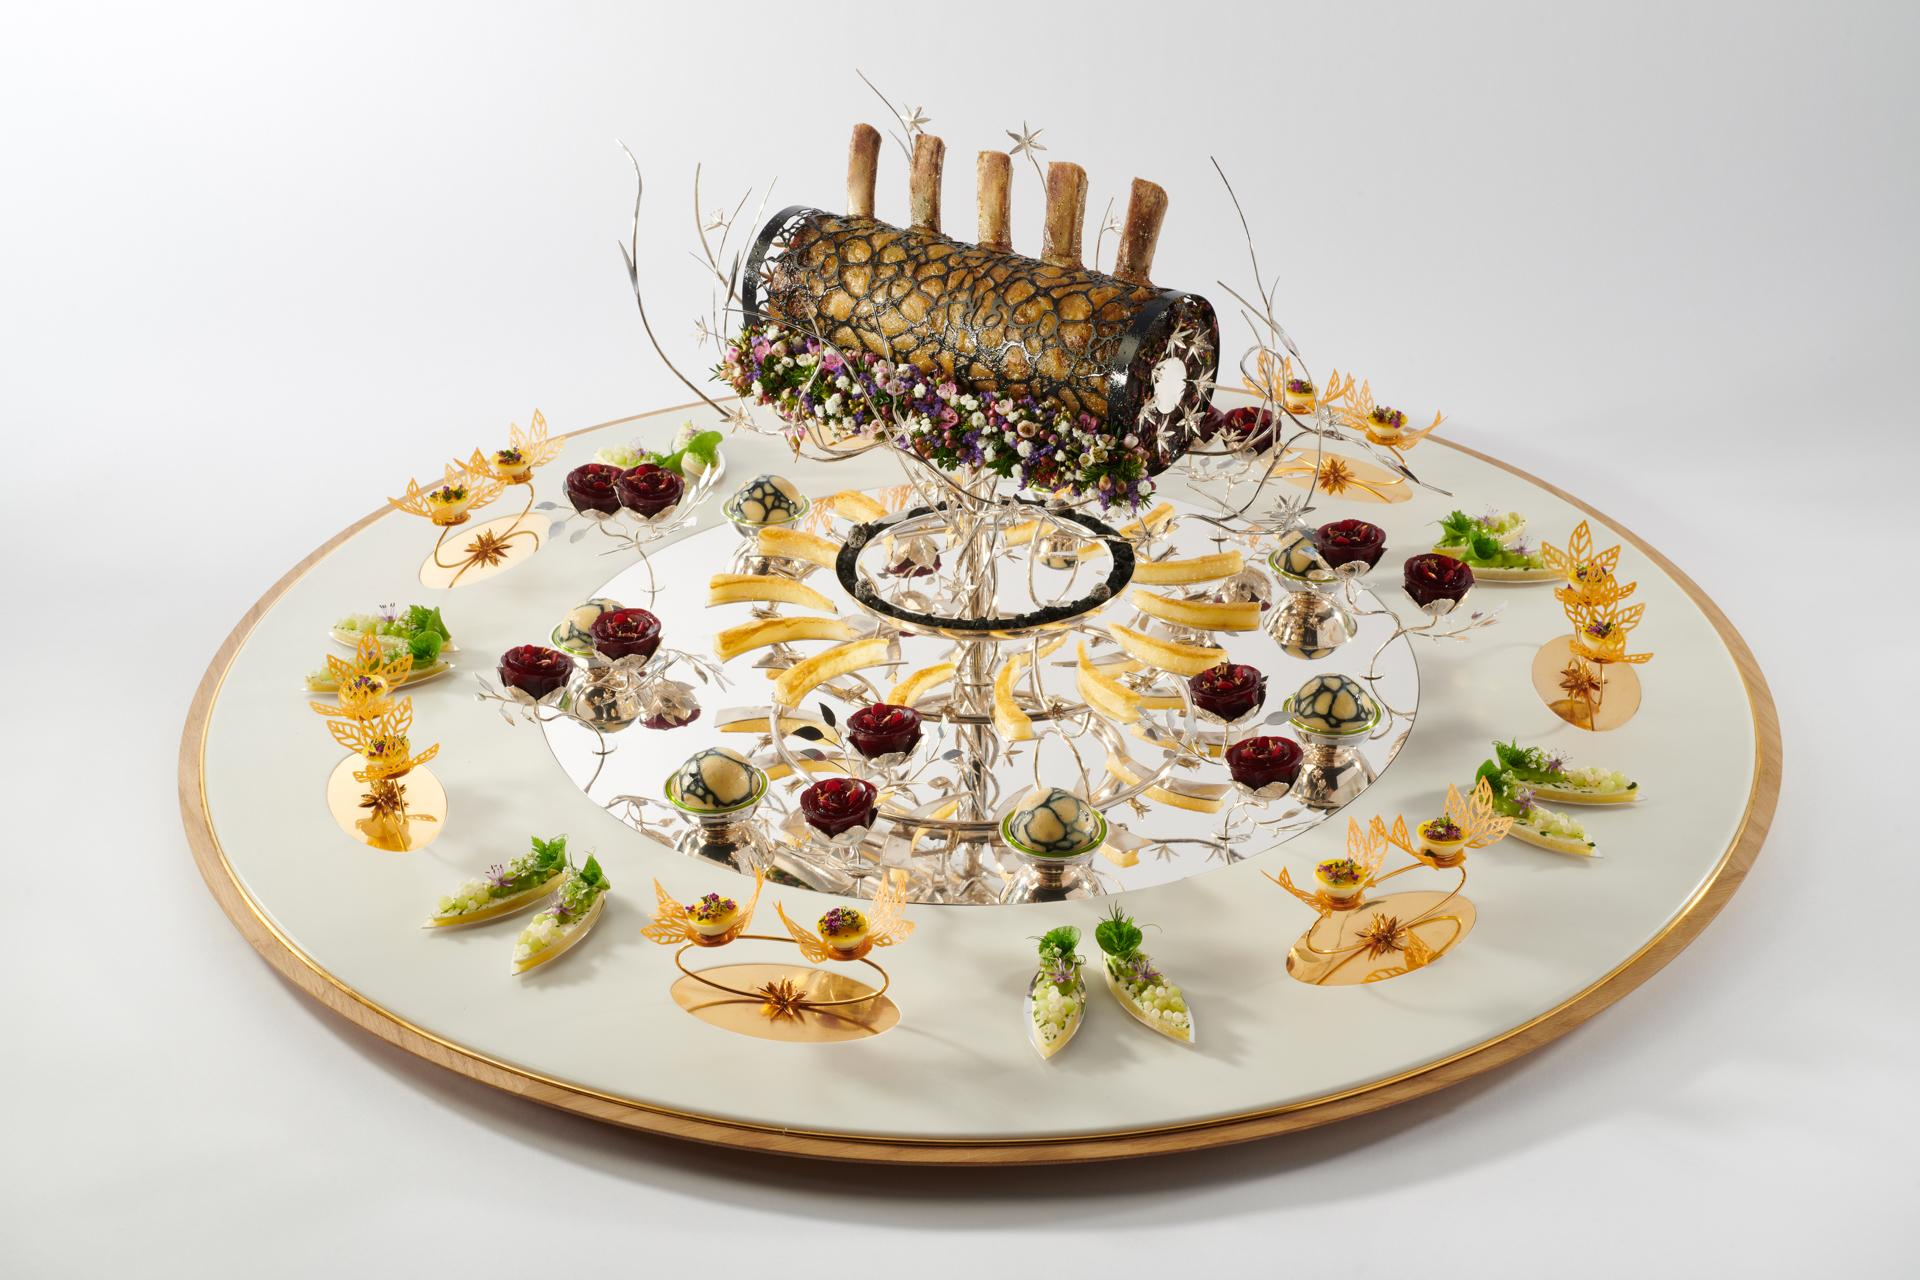 Winning dish Bocuse d'Or 2019 - Denmark